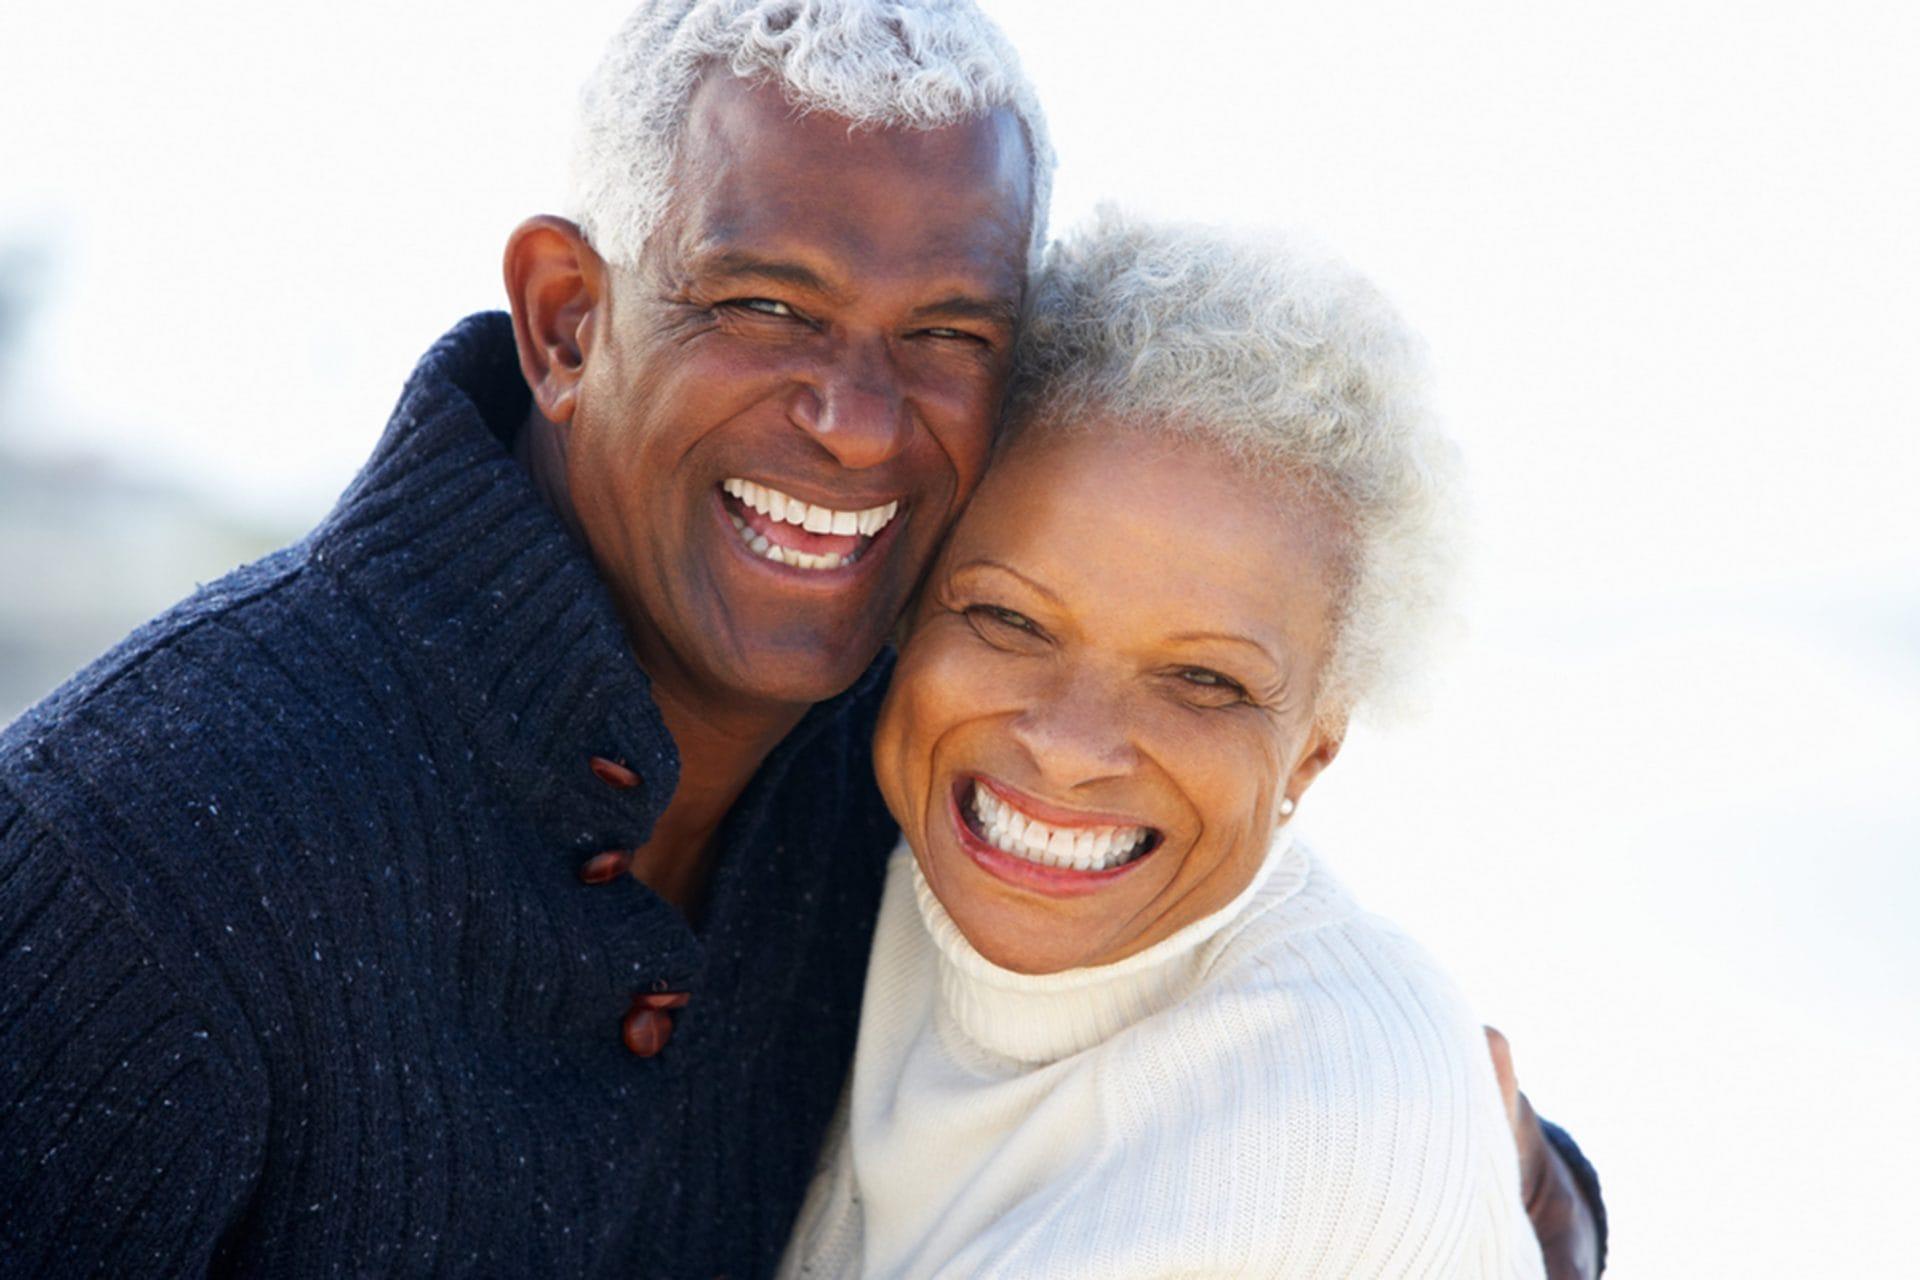 dental implants vs dentures-making an informed decision